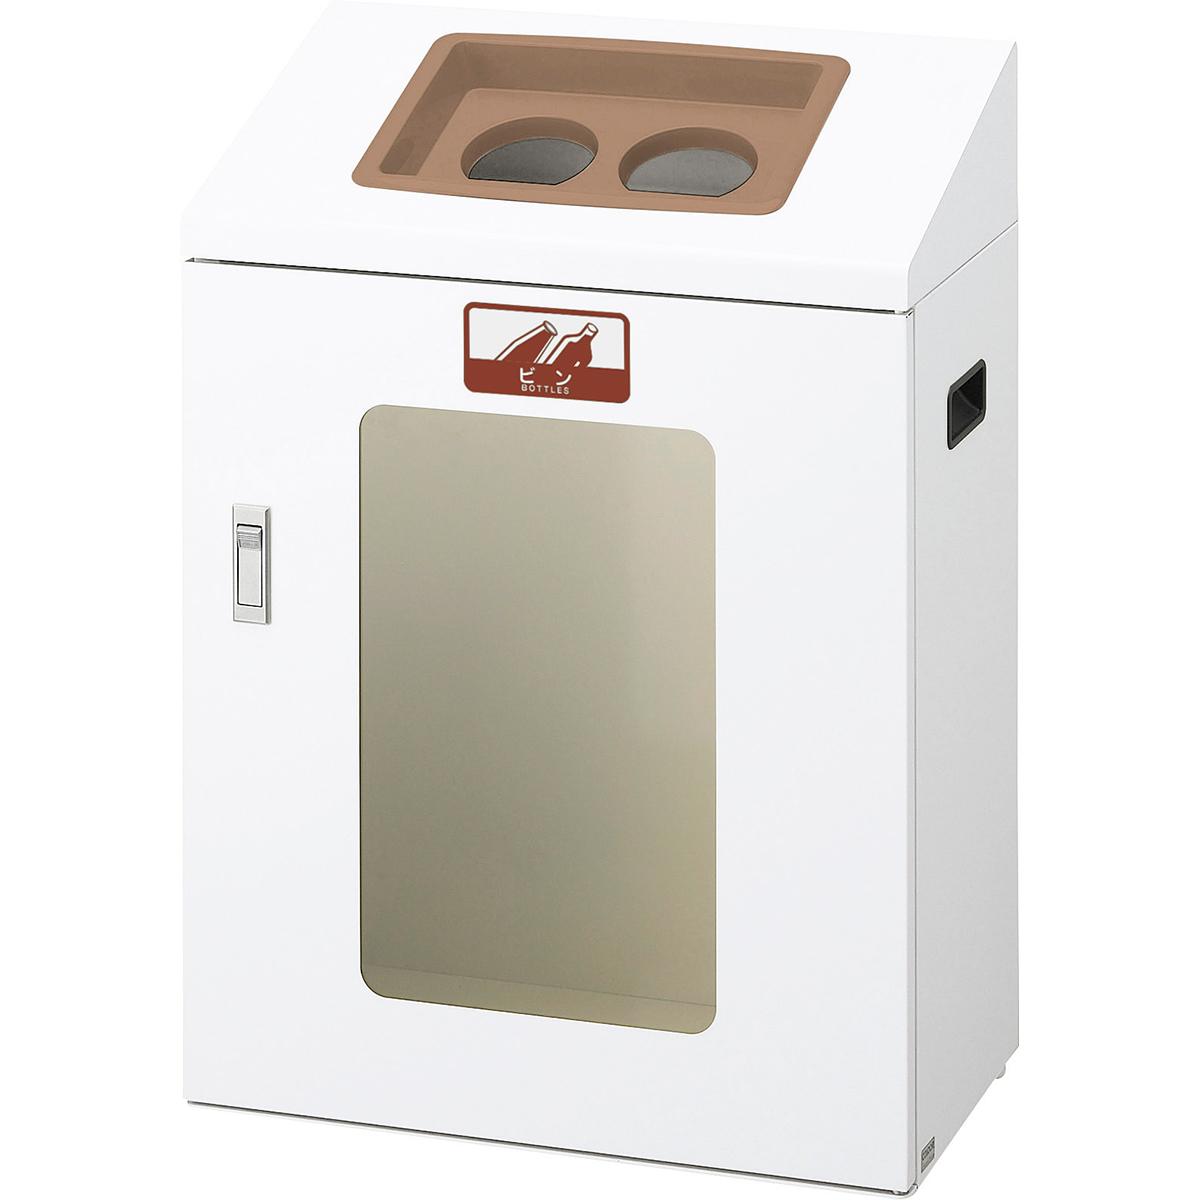 山崎産業 リサイクルボックス YIS-50 70L あきビン/BR(茶) (代引不可) YW-375L-ID